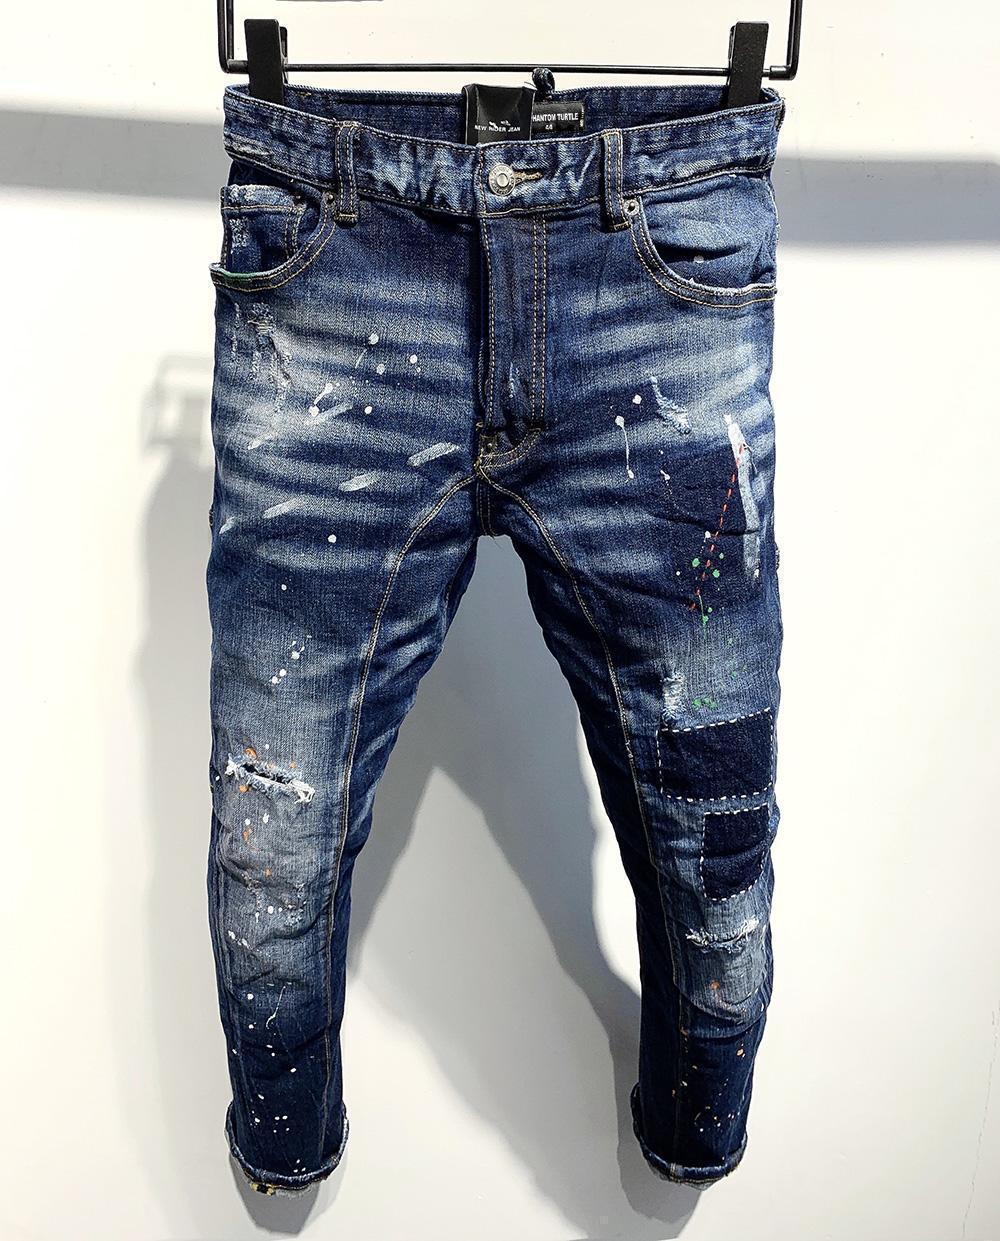 DSQUARED2 DSQUARED DSQ DSQ2 DsqDQ Phantom Tortue Classic Fashion Homme Jeans Hip Hop Rock Moto Mens Casual Design Décontracté Jeans Détresse Skinny Denim Biker DQ J CPG